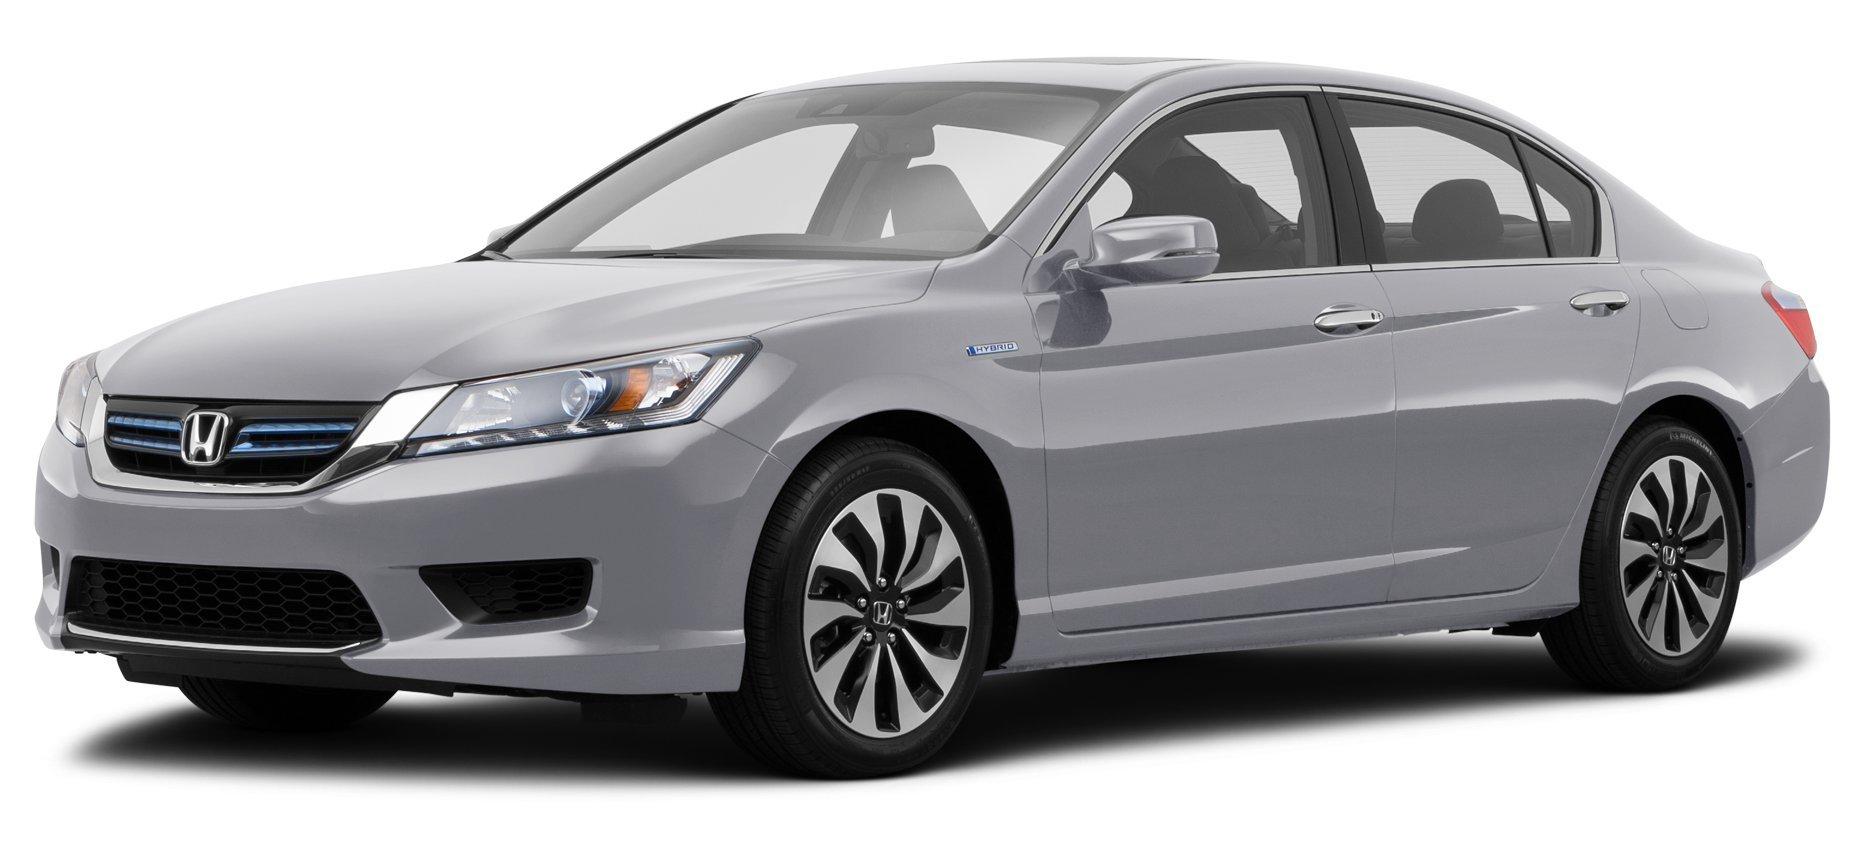 2014 Honda Accord, 4 Door Sedan ...